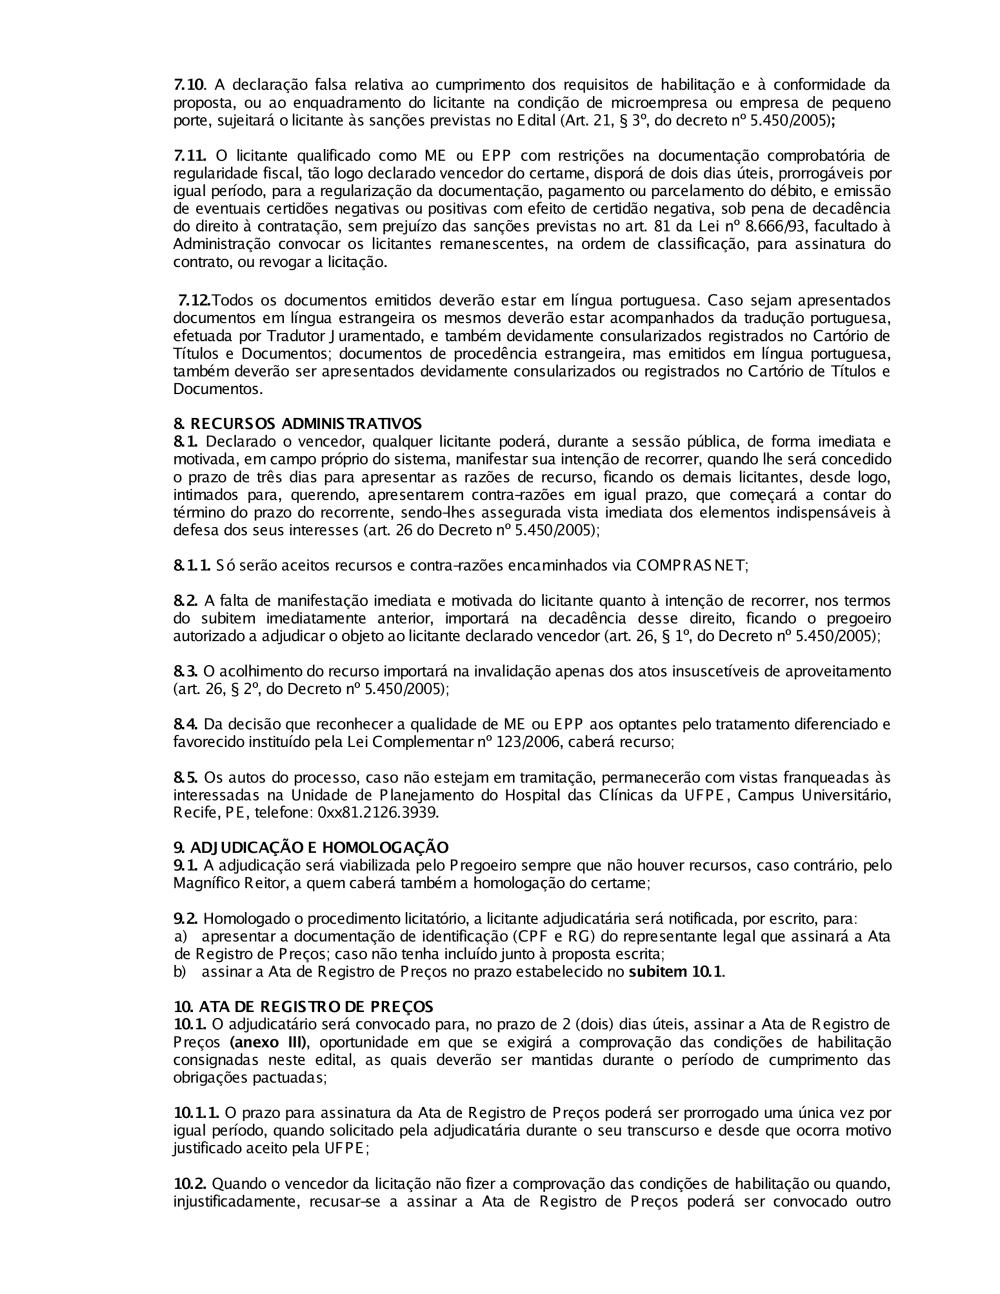 11ad6f7b5fcad Pregão nº 171 2012.pdf - Editais do Pregão - UFPE